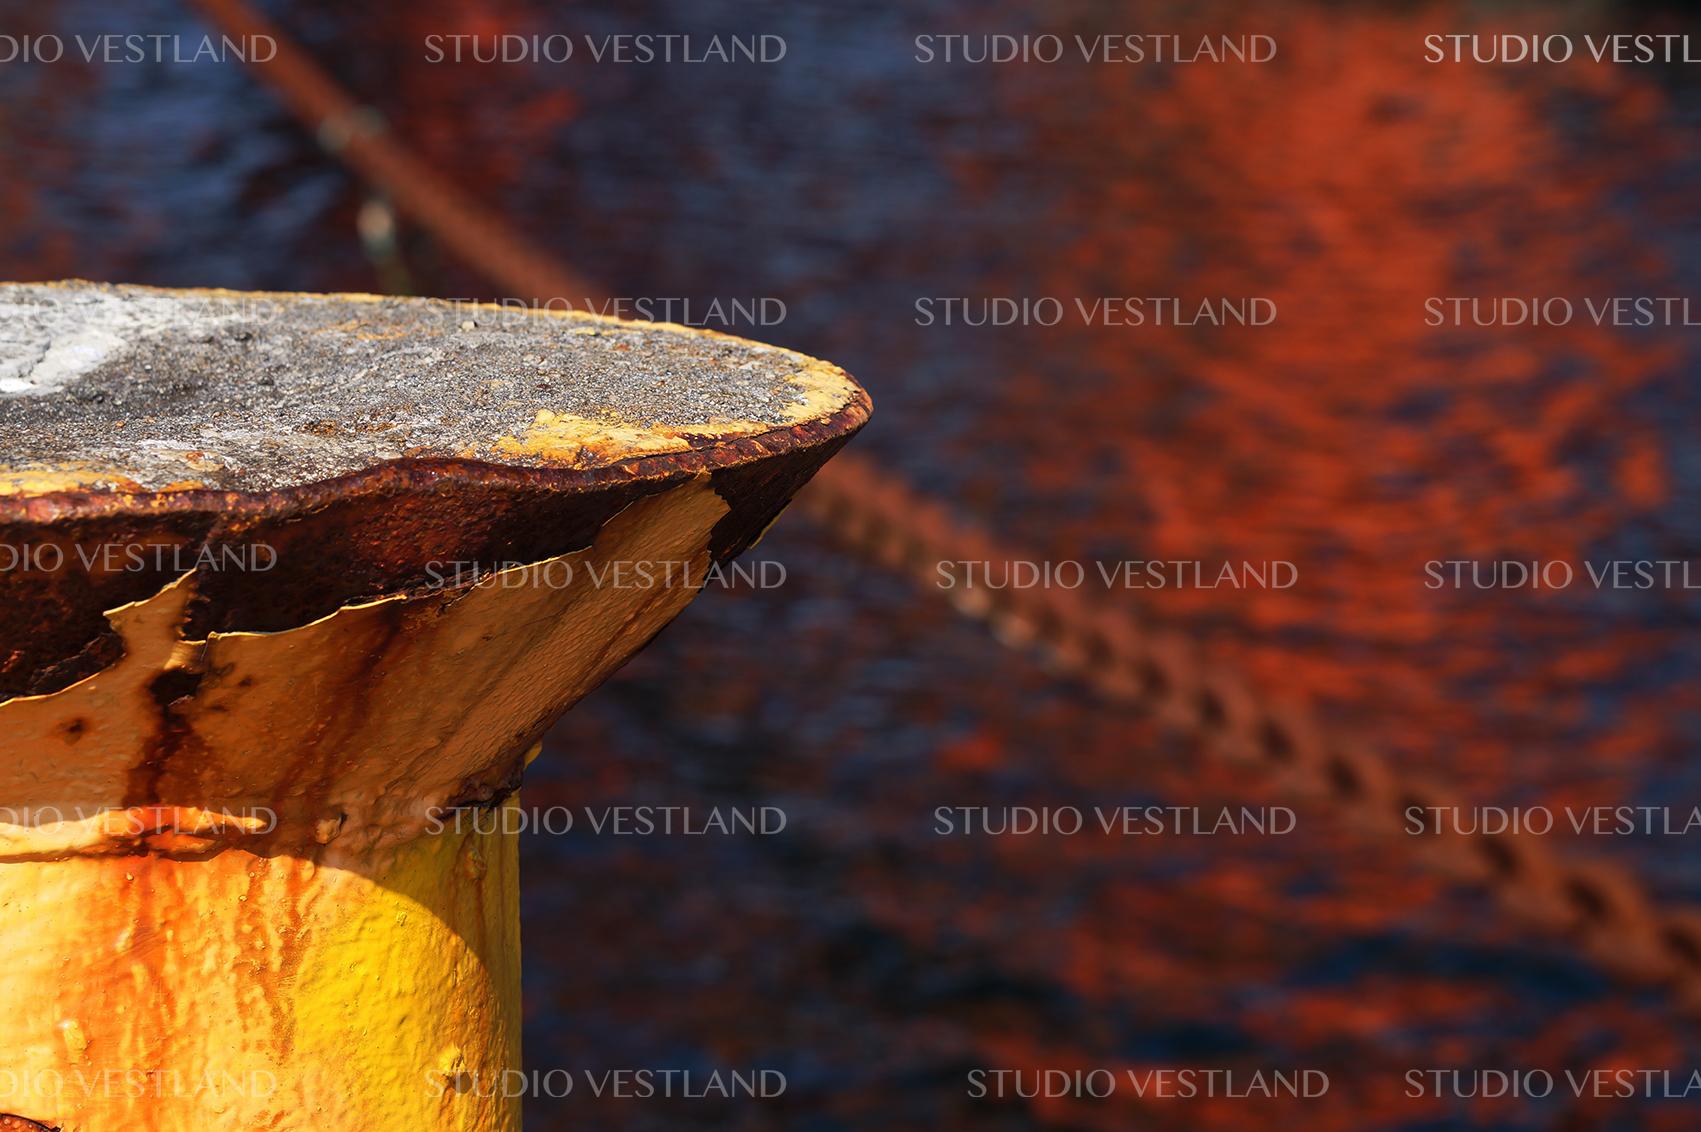 Studio Vestland - Pullert 19